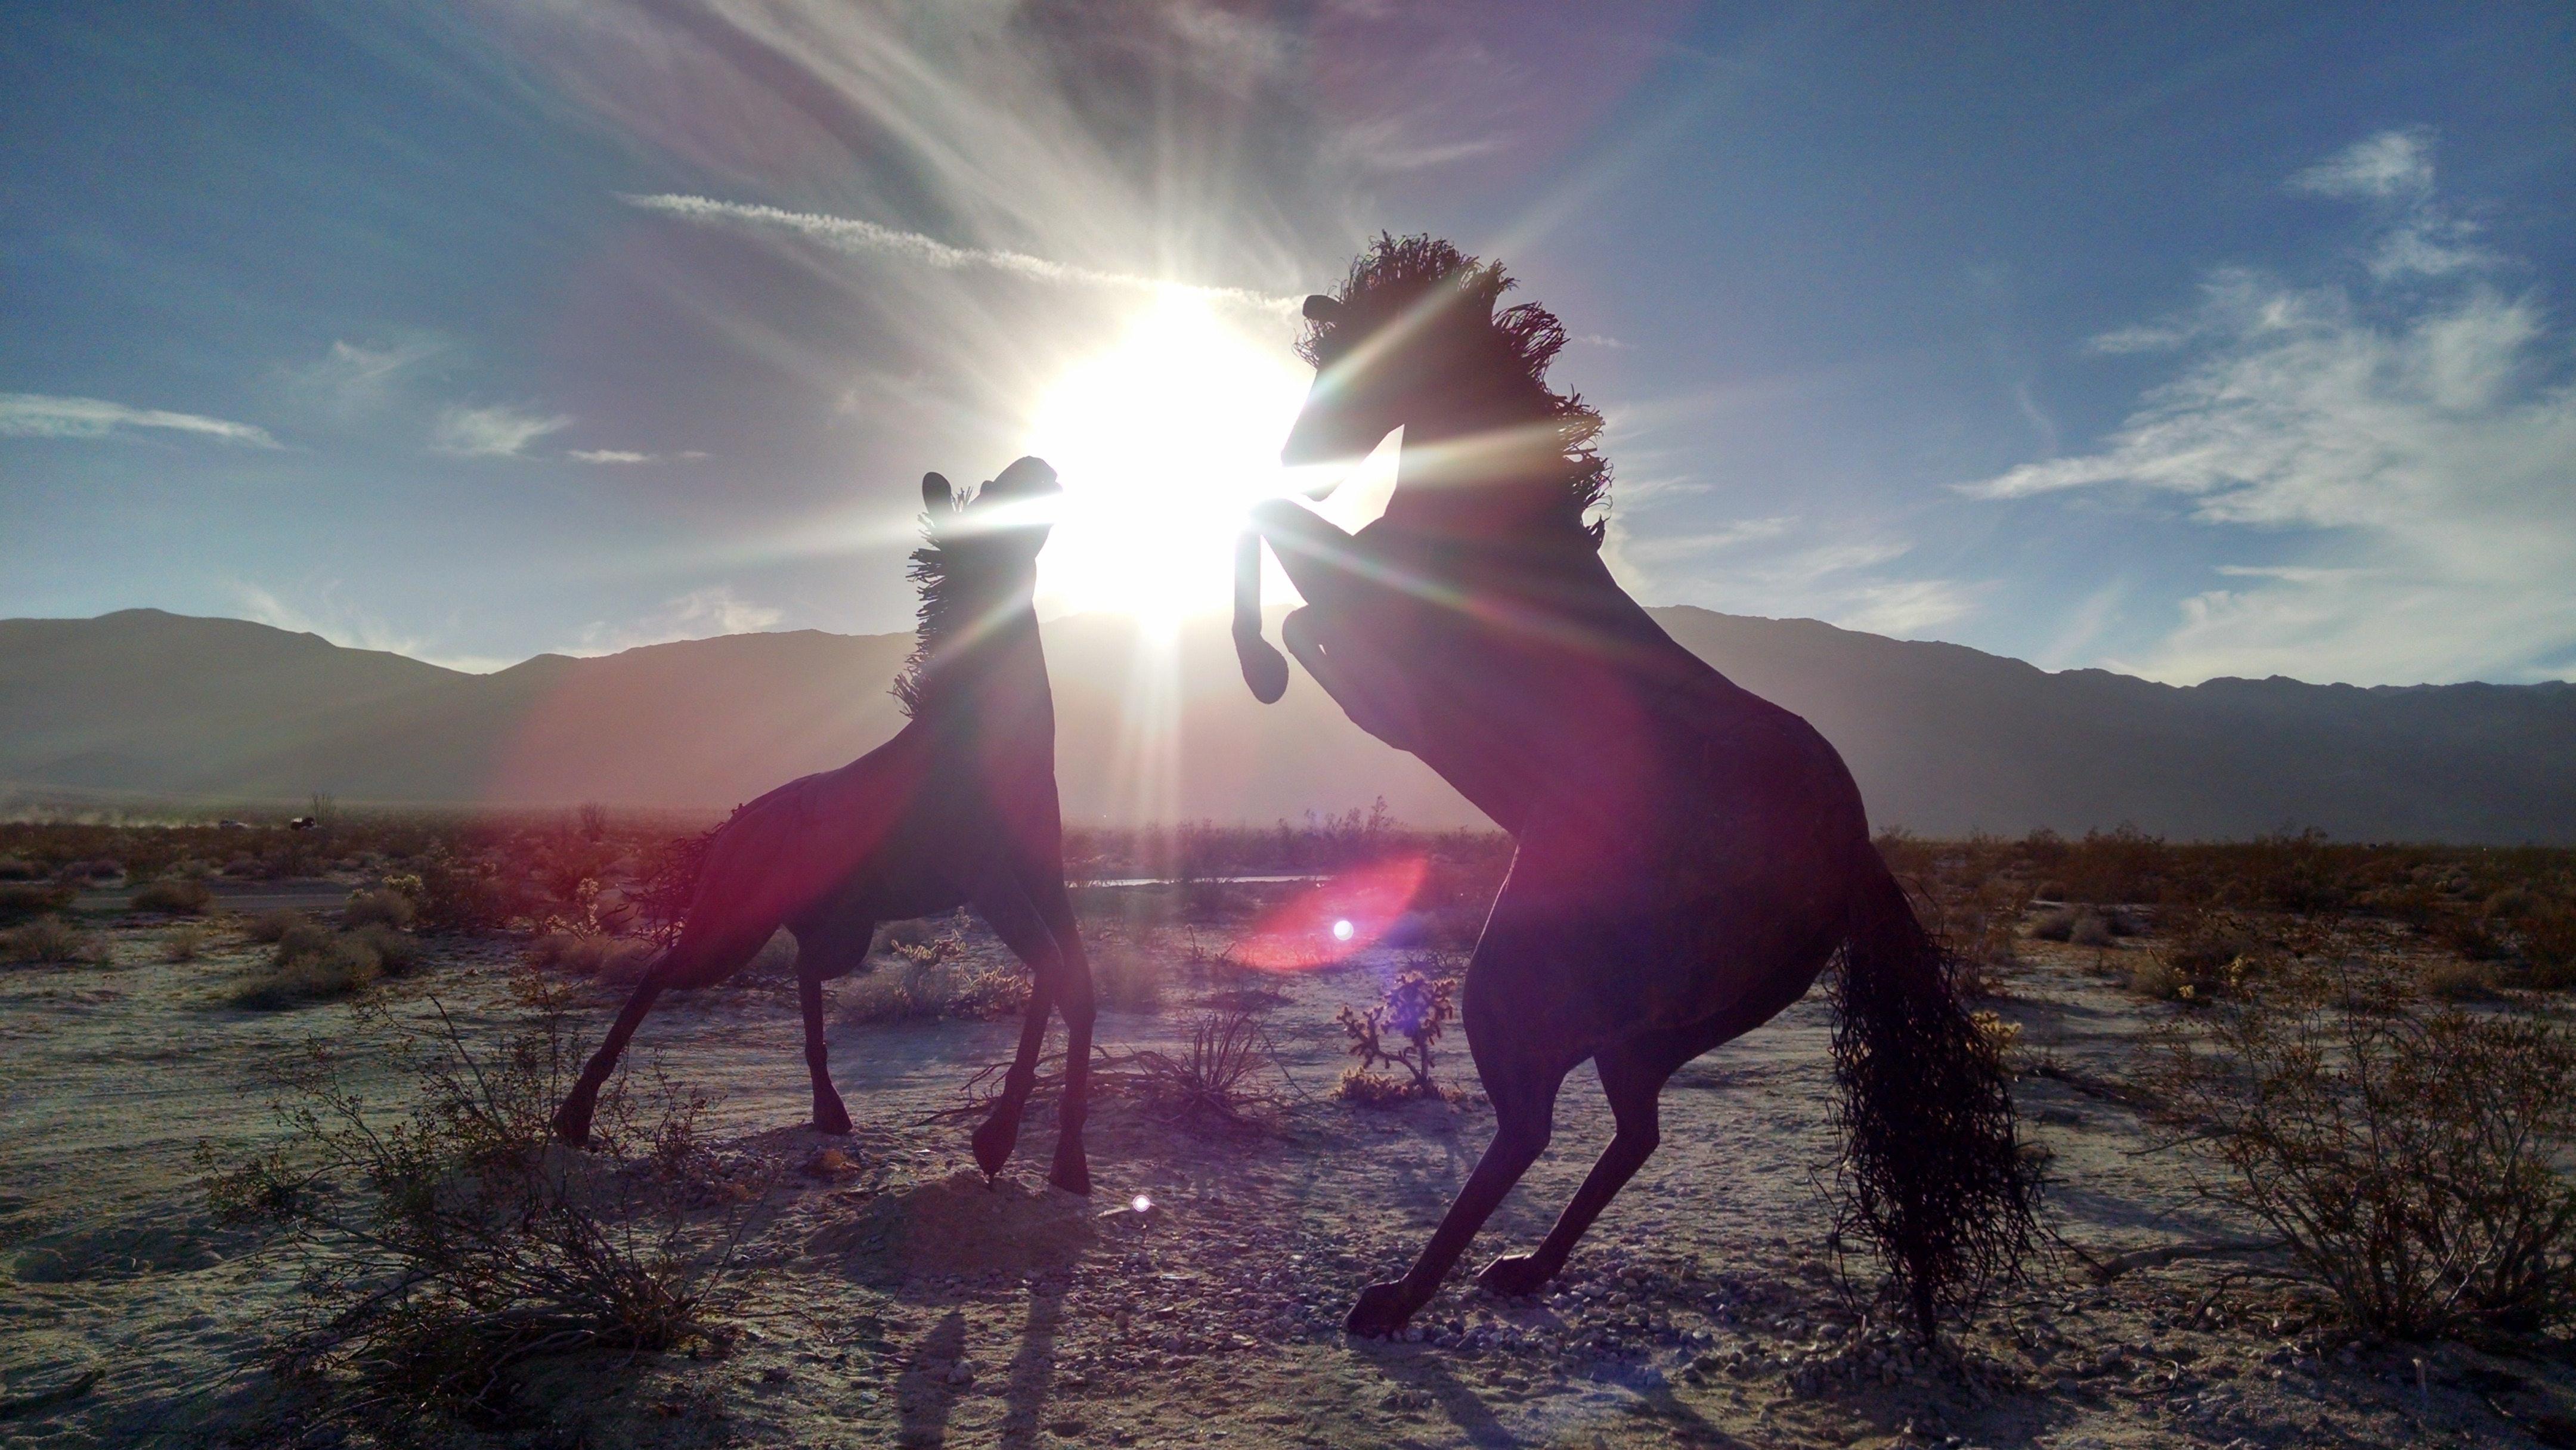 Ashwini Star and Its Mythology